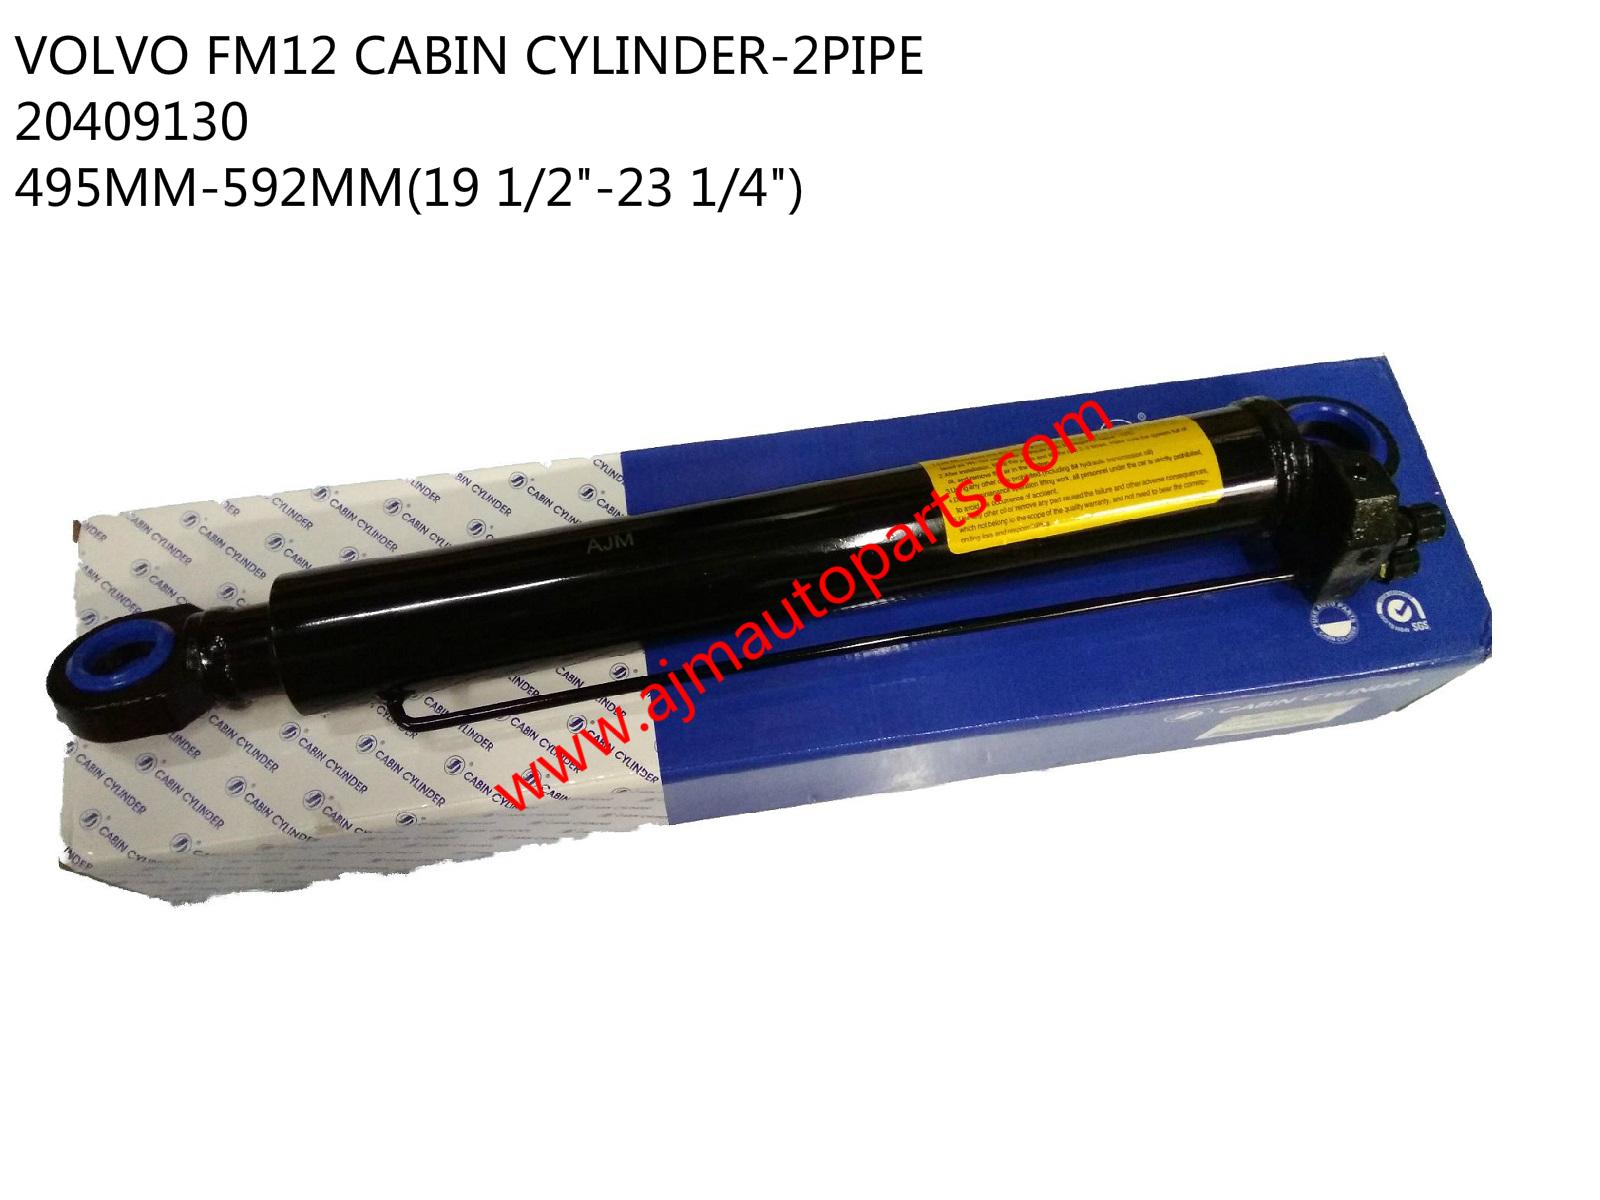 VOLVO_FM12_V1_CABIN_CYLINDER-20409130